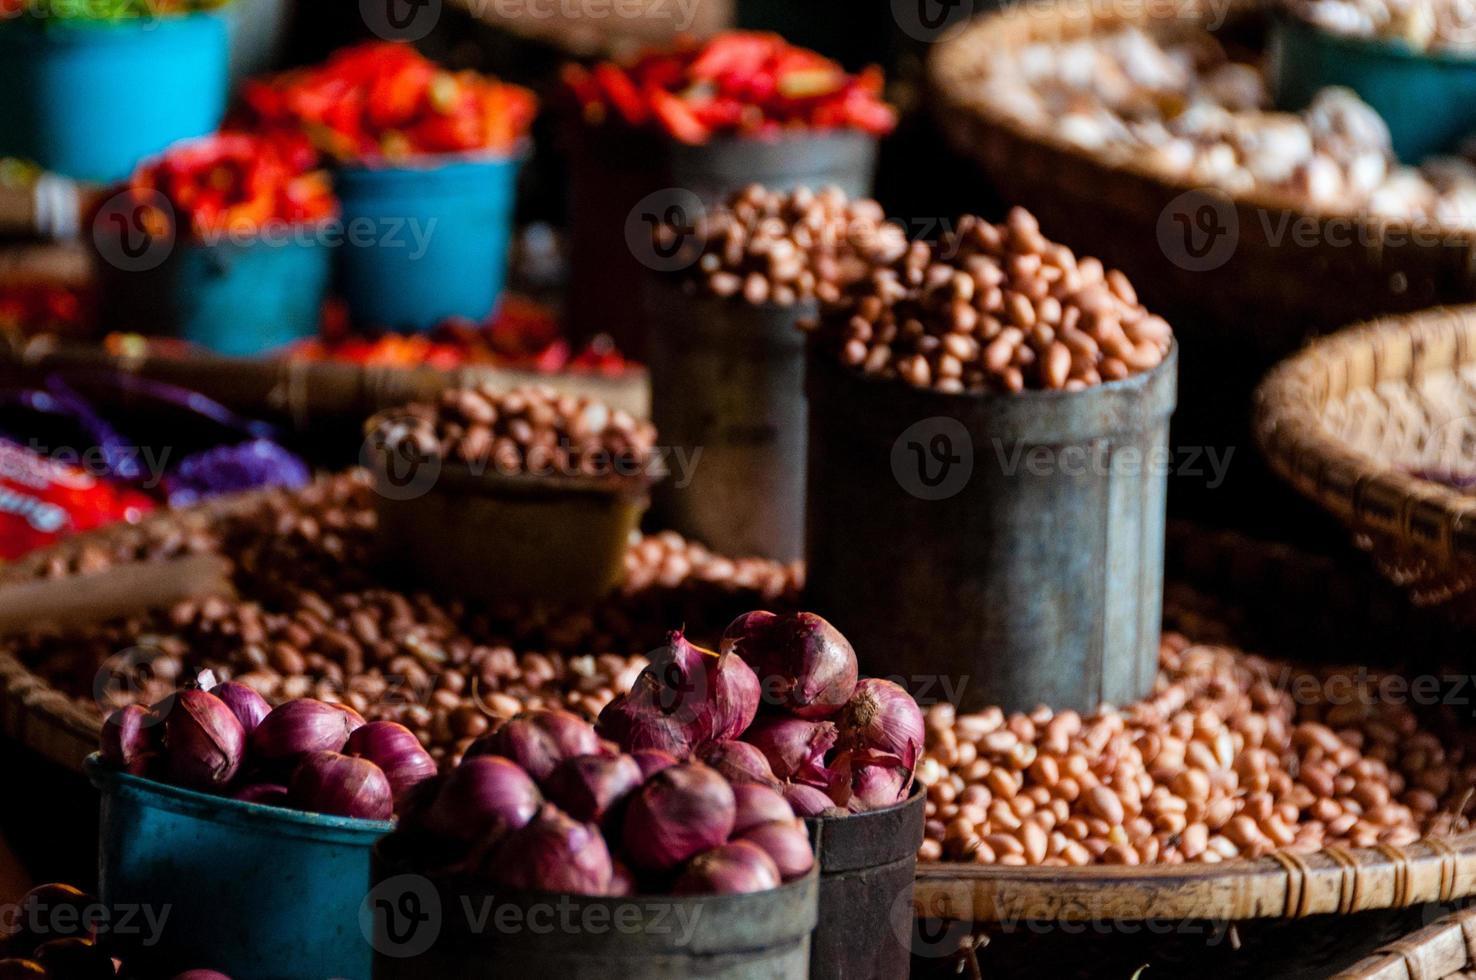 geschälte Nüsse und Zwiebeln in kleinen Eimern auf dem lokalen Markt foto